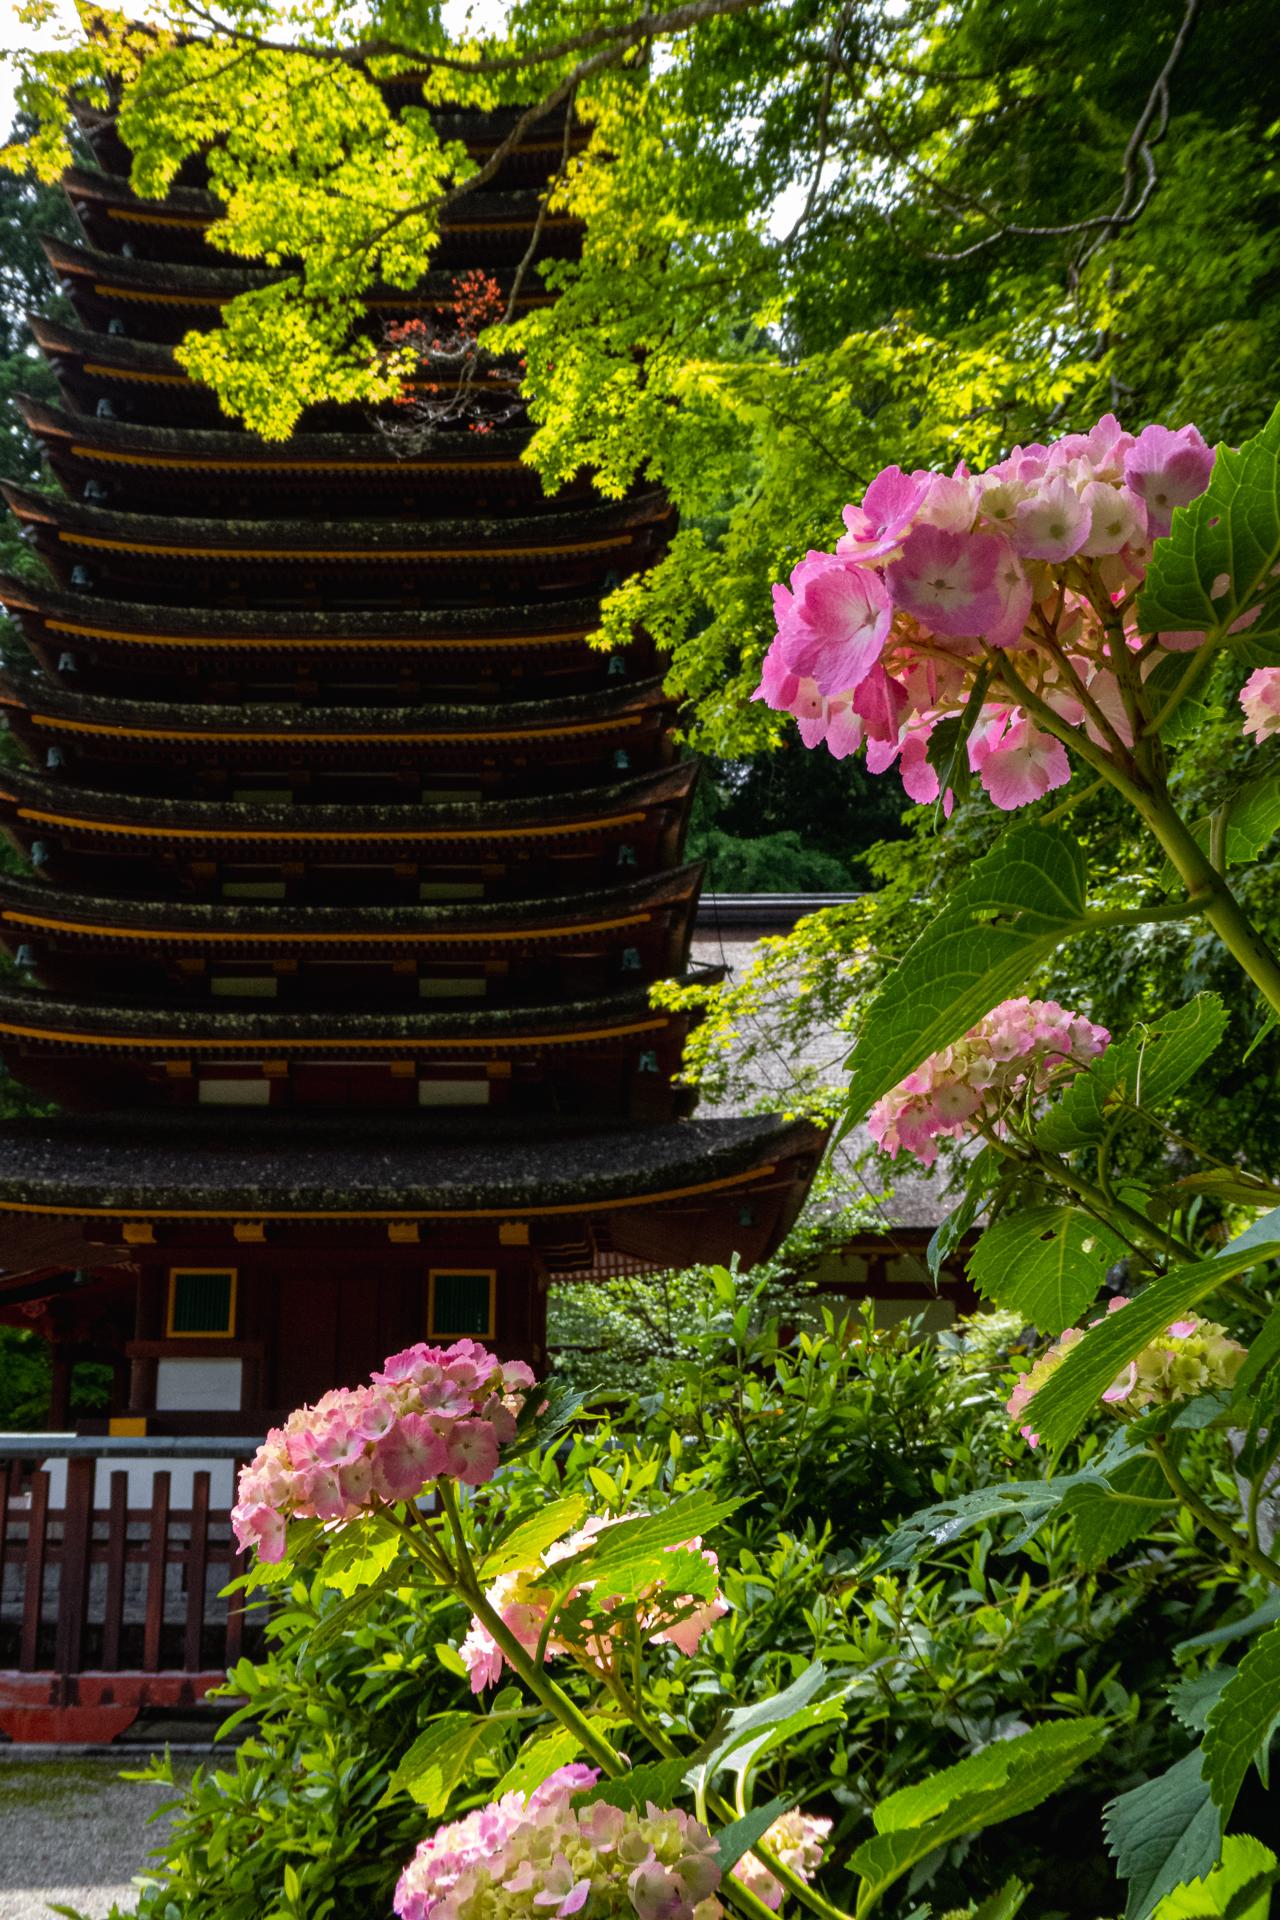 P1001161 奈良県  談山神社(あじさいと新緑の景色が美しい初夏におすすめのスポット! 写真の紹介、アクセス情報や駐車場情報など)